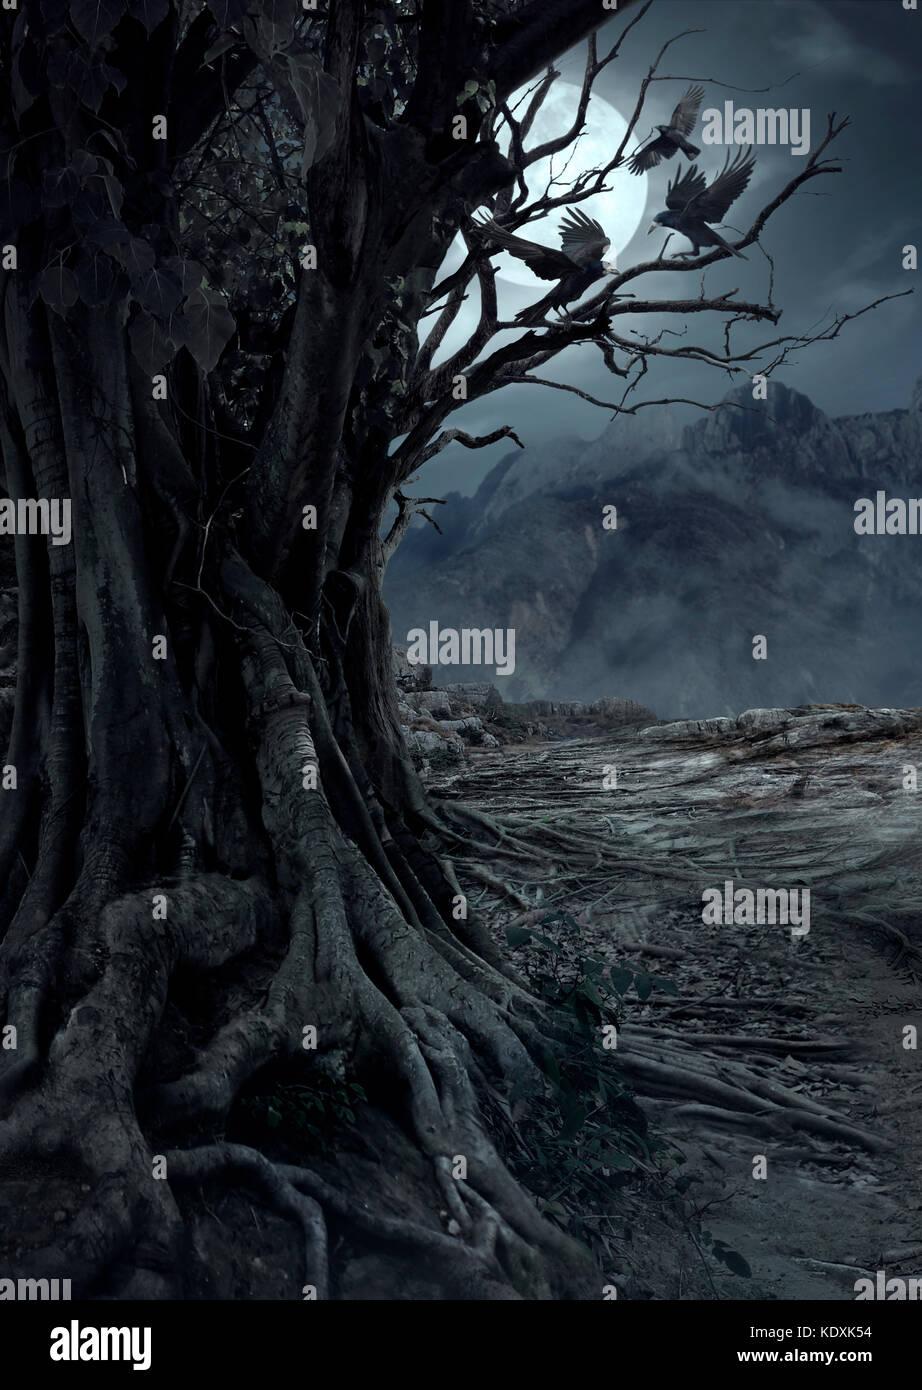 Scary albero morto, la notte nella foresta misteriosa con la luce della luna e tre corvi Immagini Stock